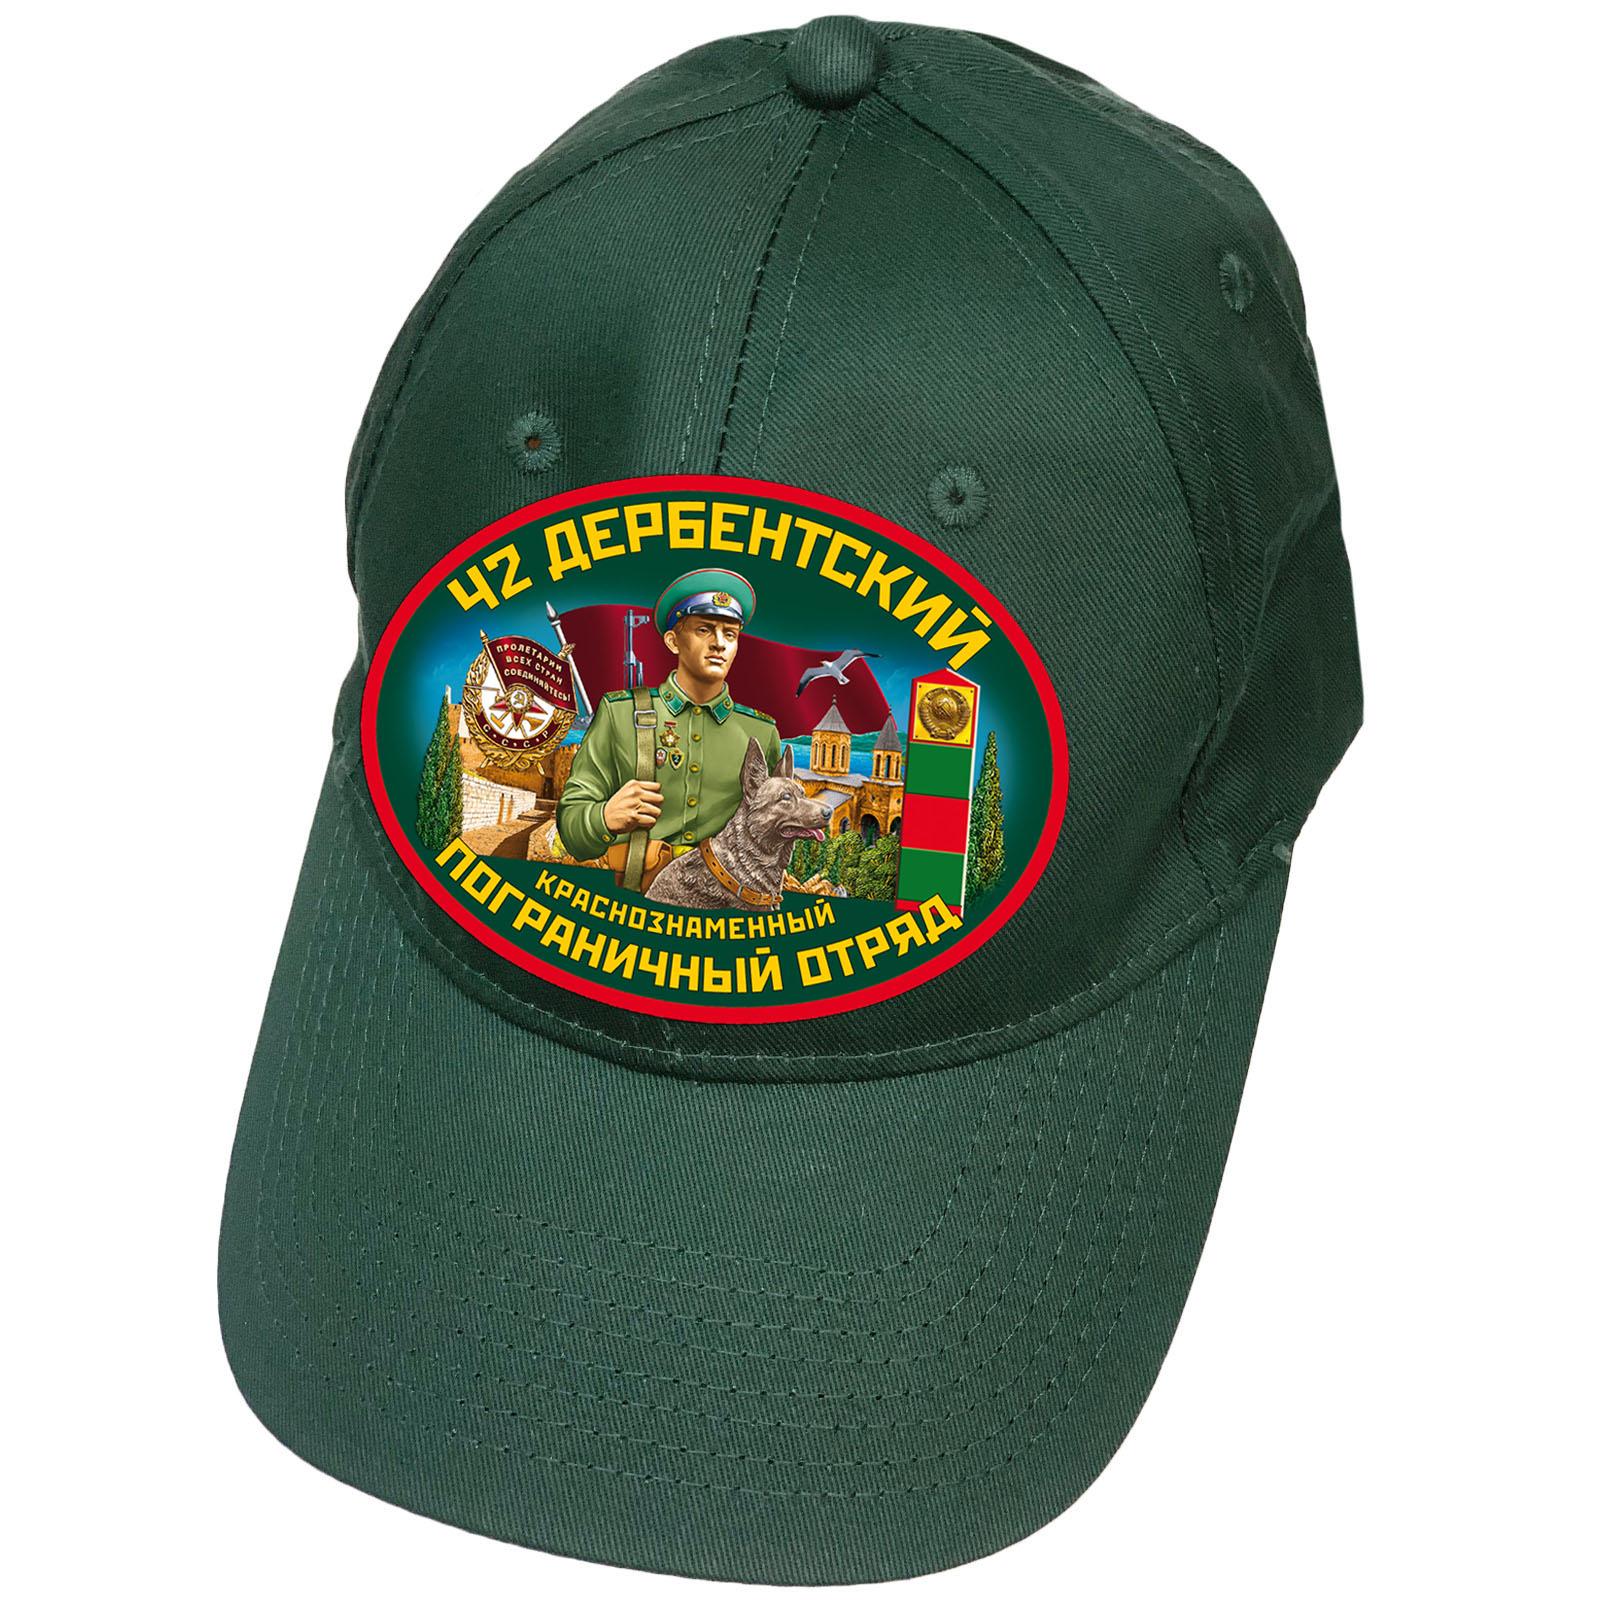 Тёмно-зелёная кепка 42 Дербентского пограничного отряда